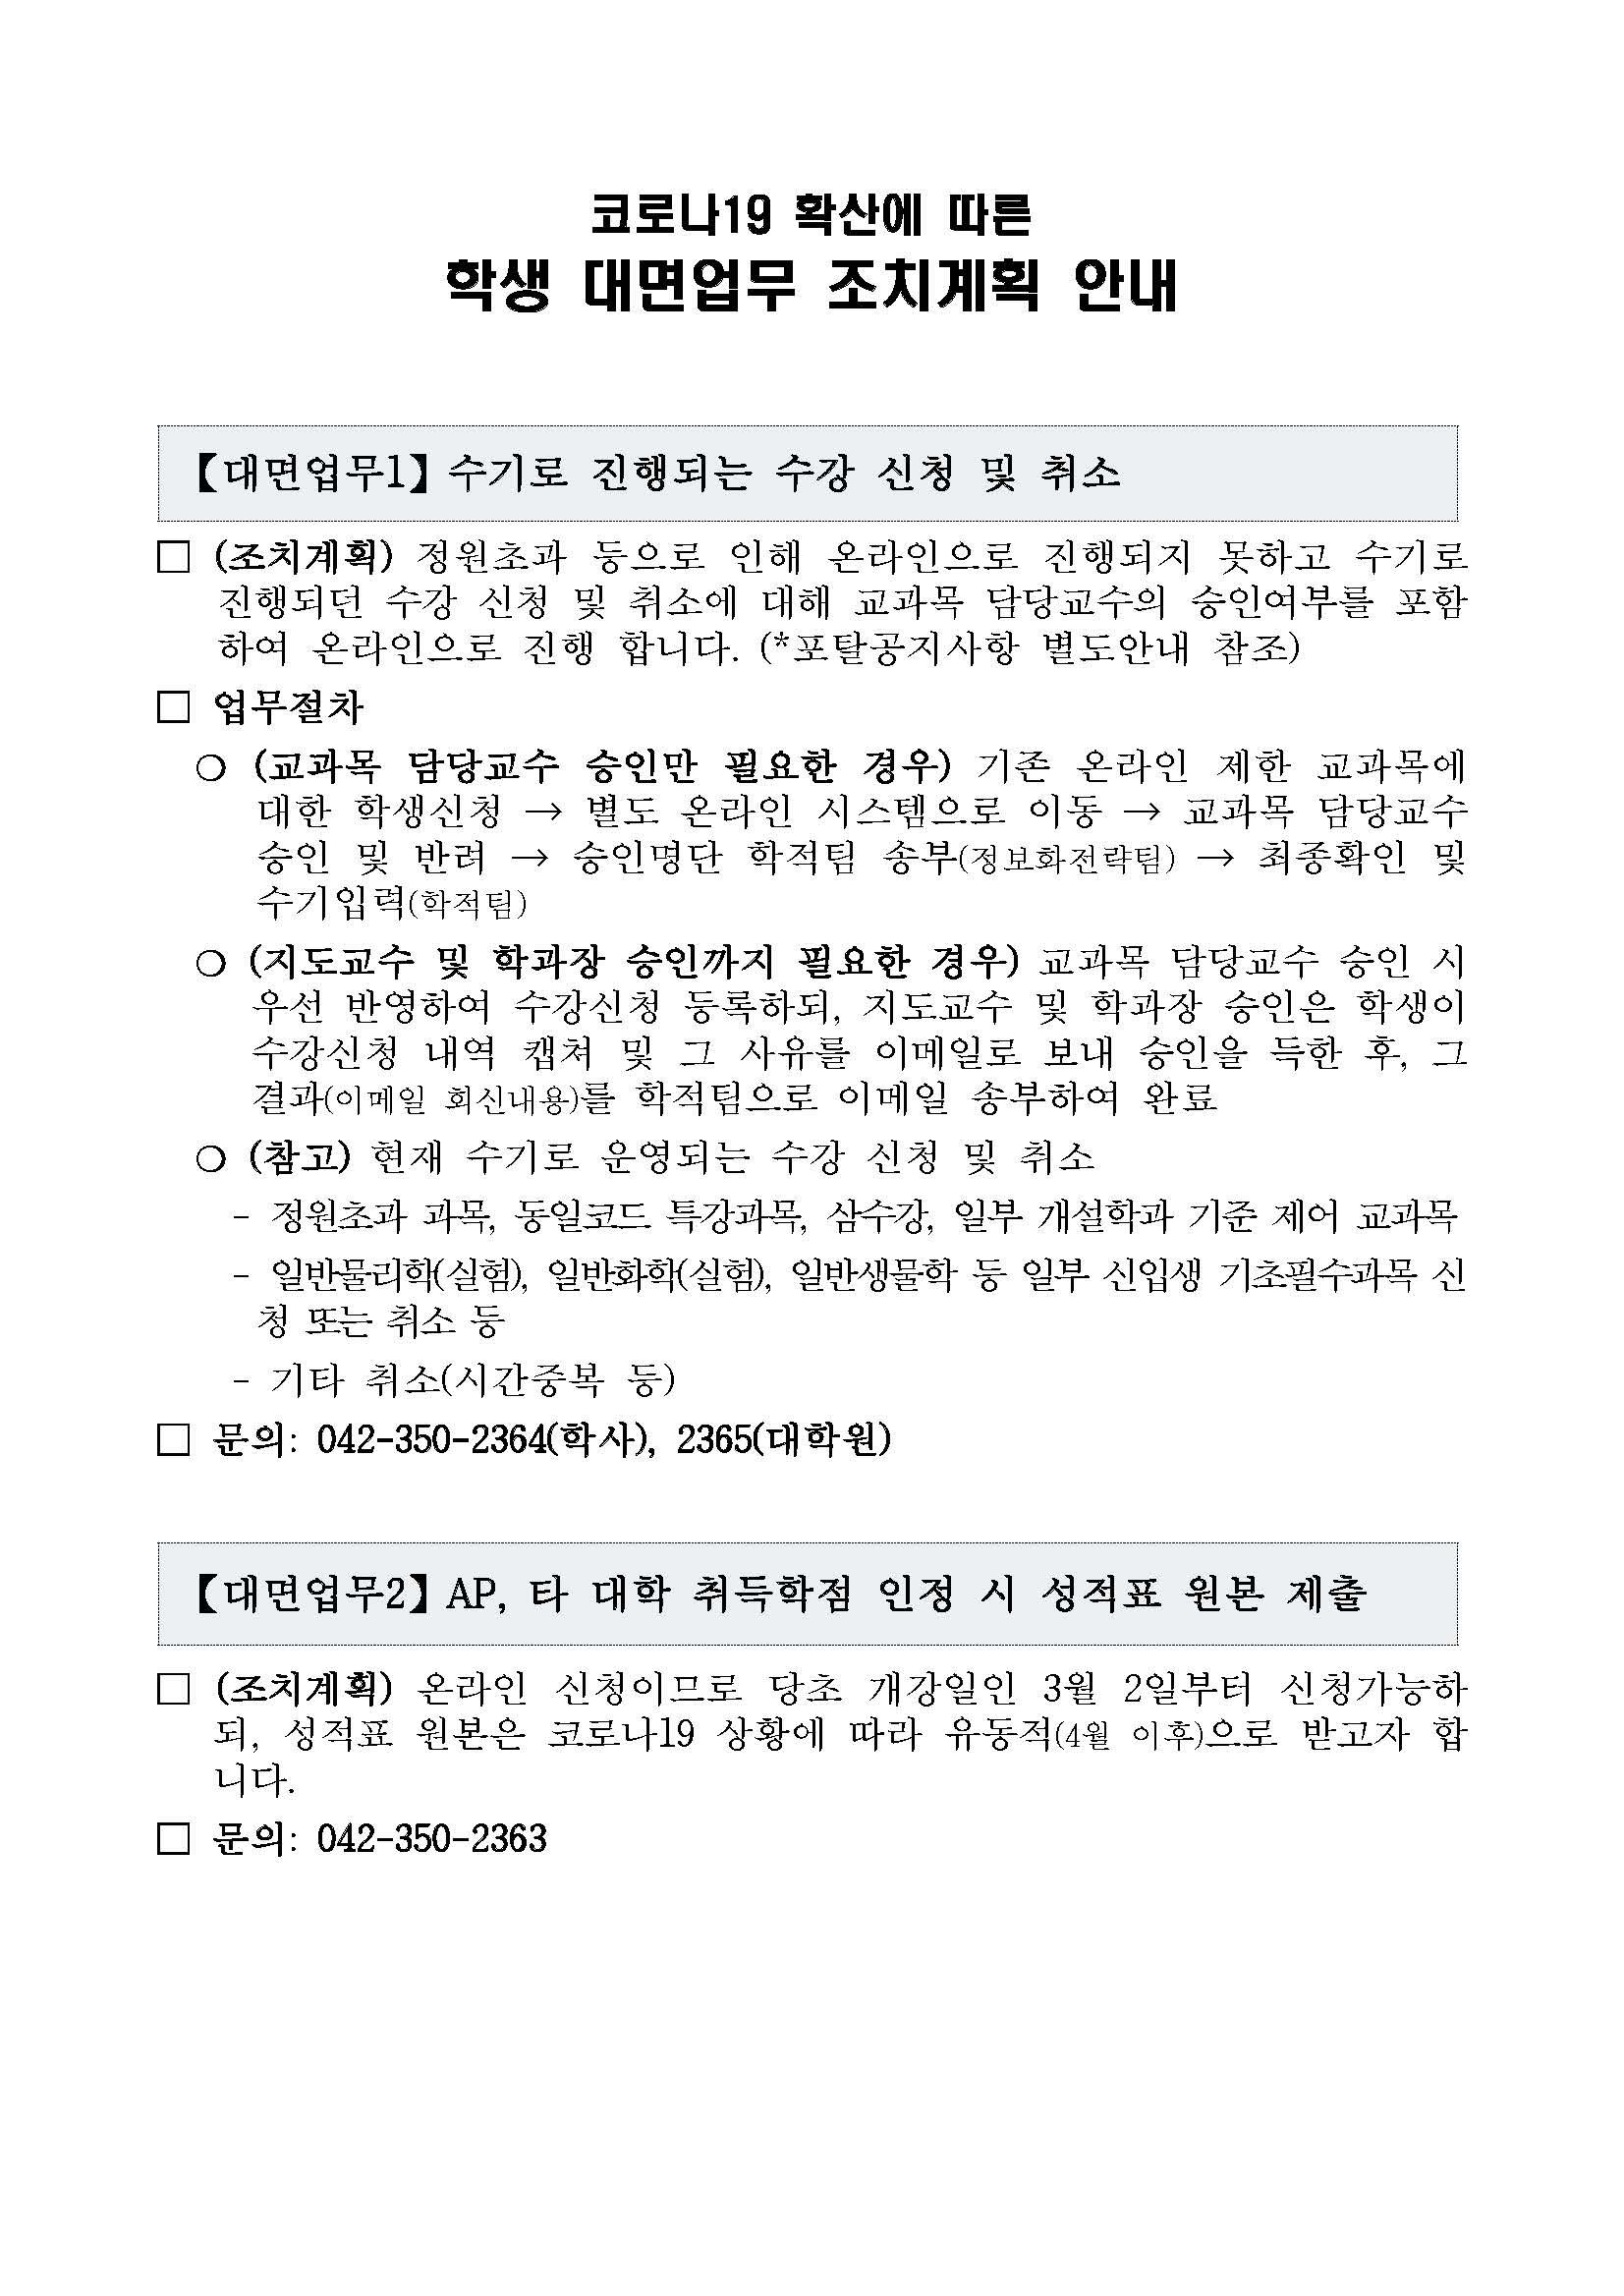 코로나19 확산에 따른 학생 대면업무 조치계획 안내문 For prevention of Spread o_페이지_1.jpg